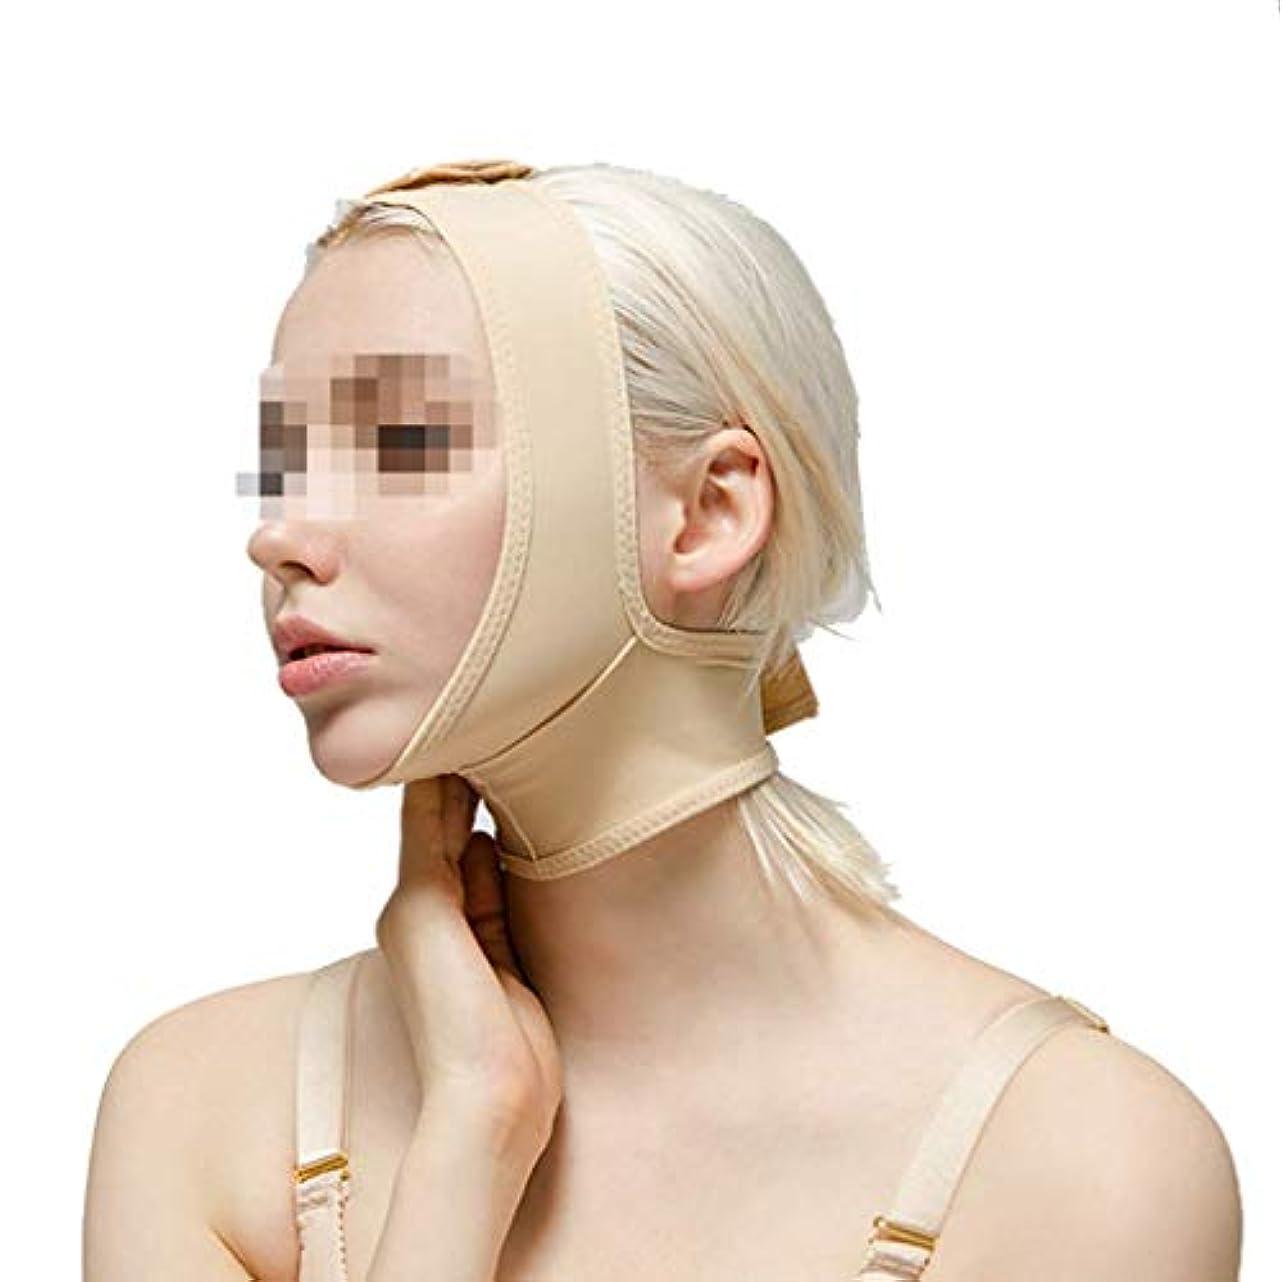 抽象化曖昧な静かに術後伸縮性スリーブ、下顎束フェイスバンデージフェイシャルビームダブルチンシンフェイスマスクマルチサイズオプション(サイズ:L),ザ・